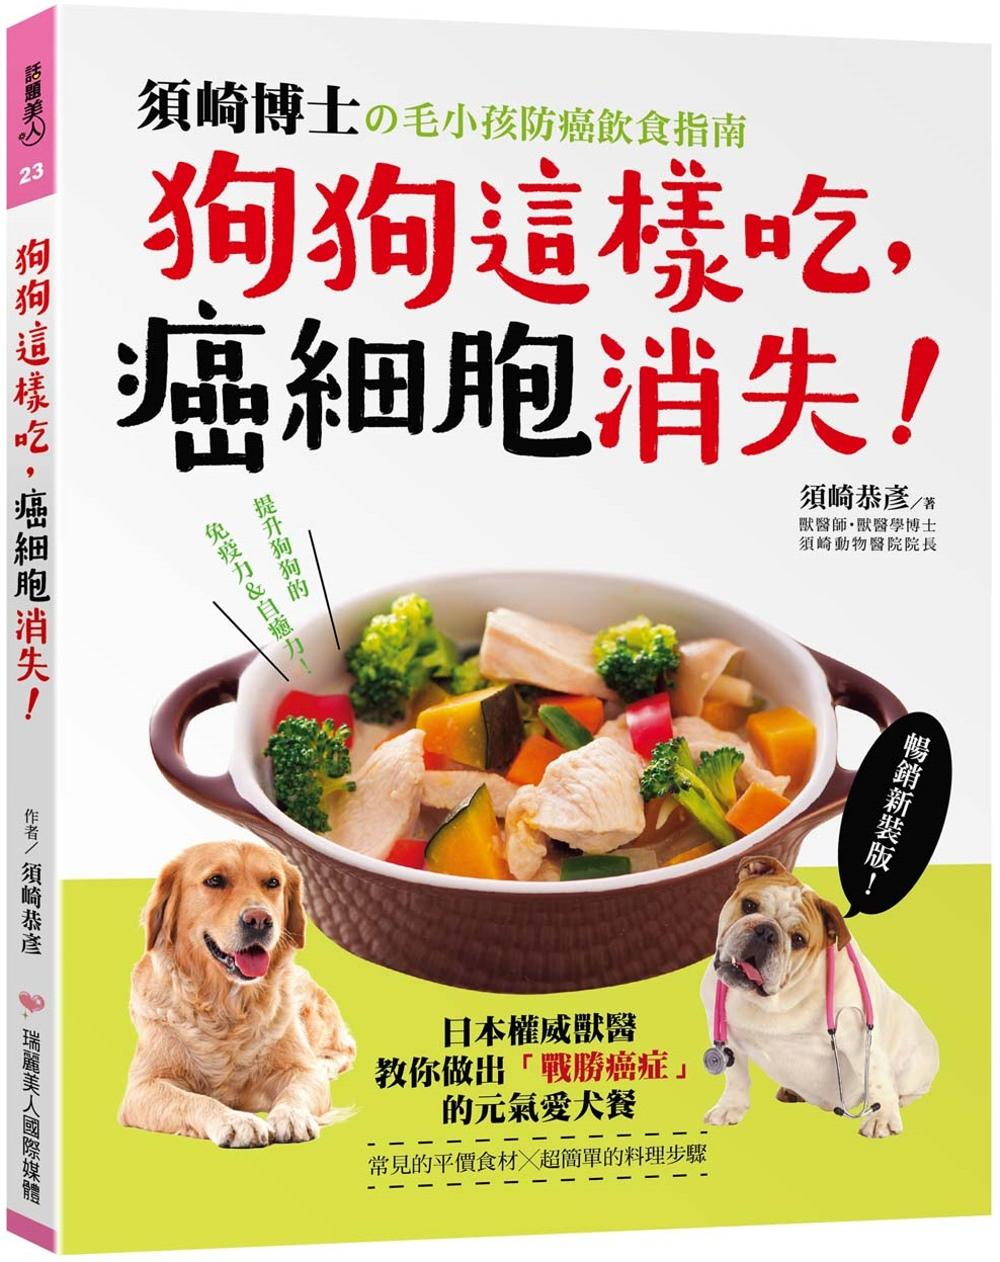 狗狗這樣吃,癌細胞消失!:須崎...